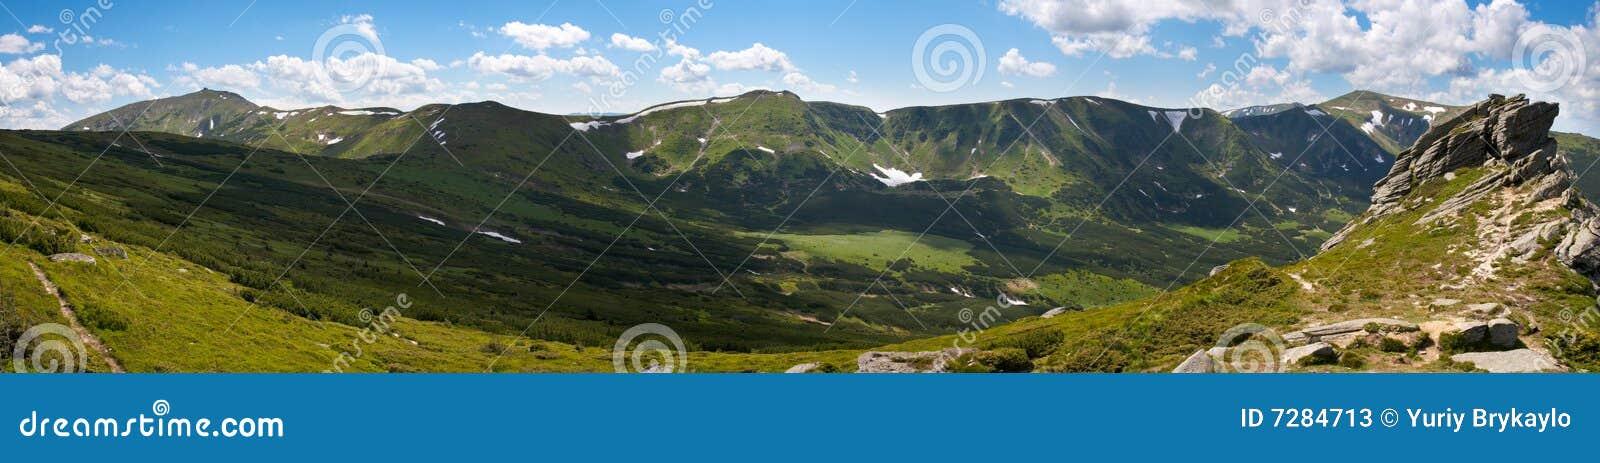 Mountain View del verano